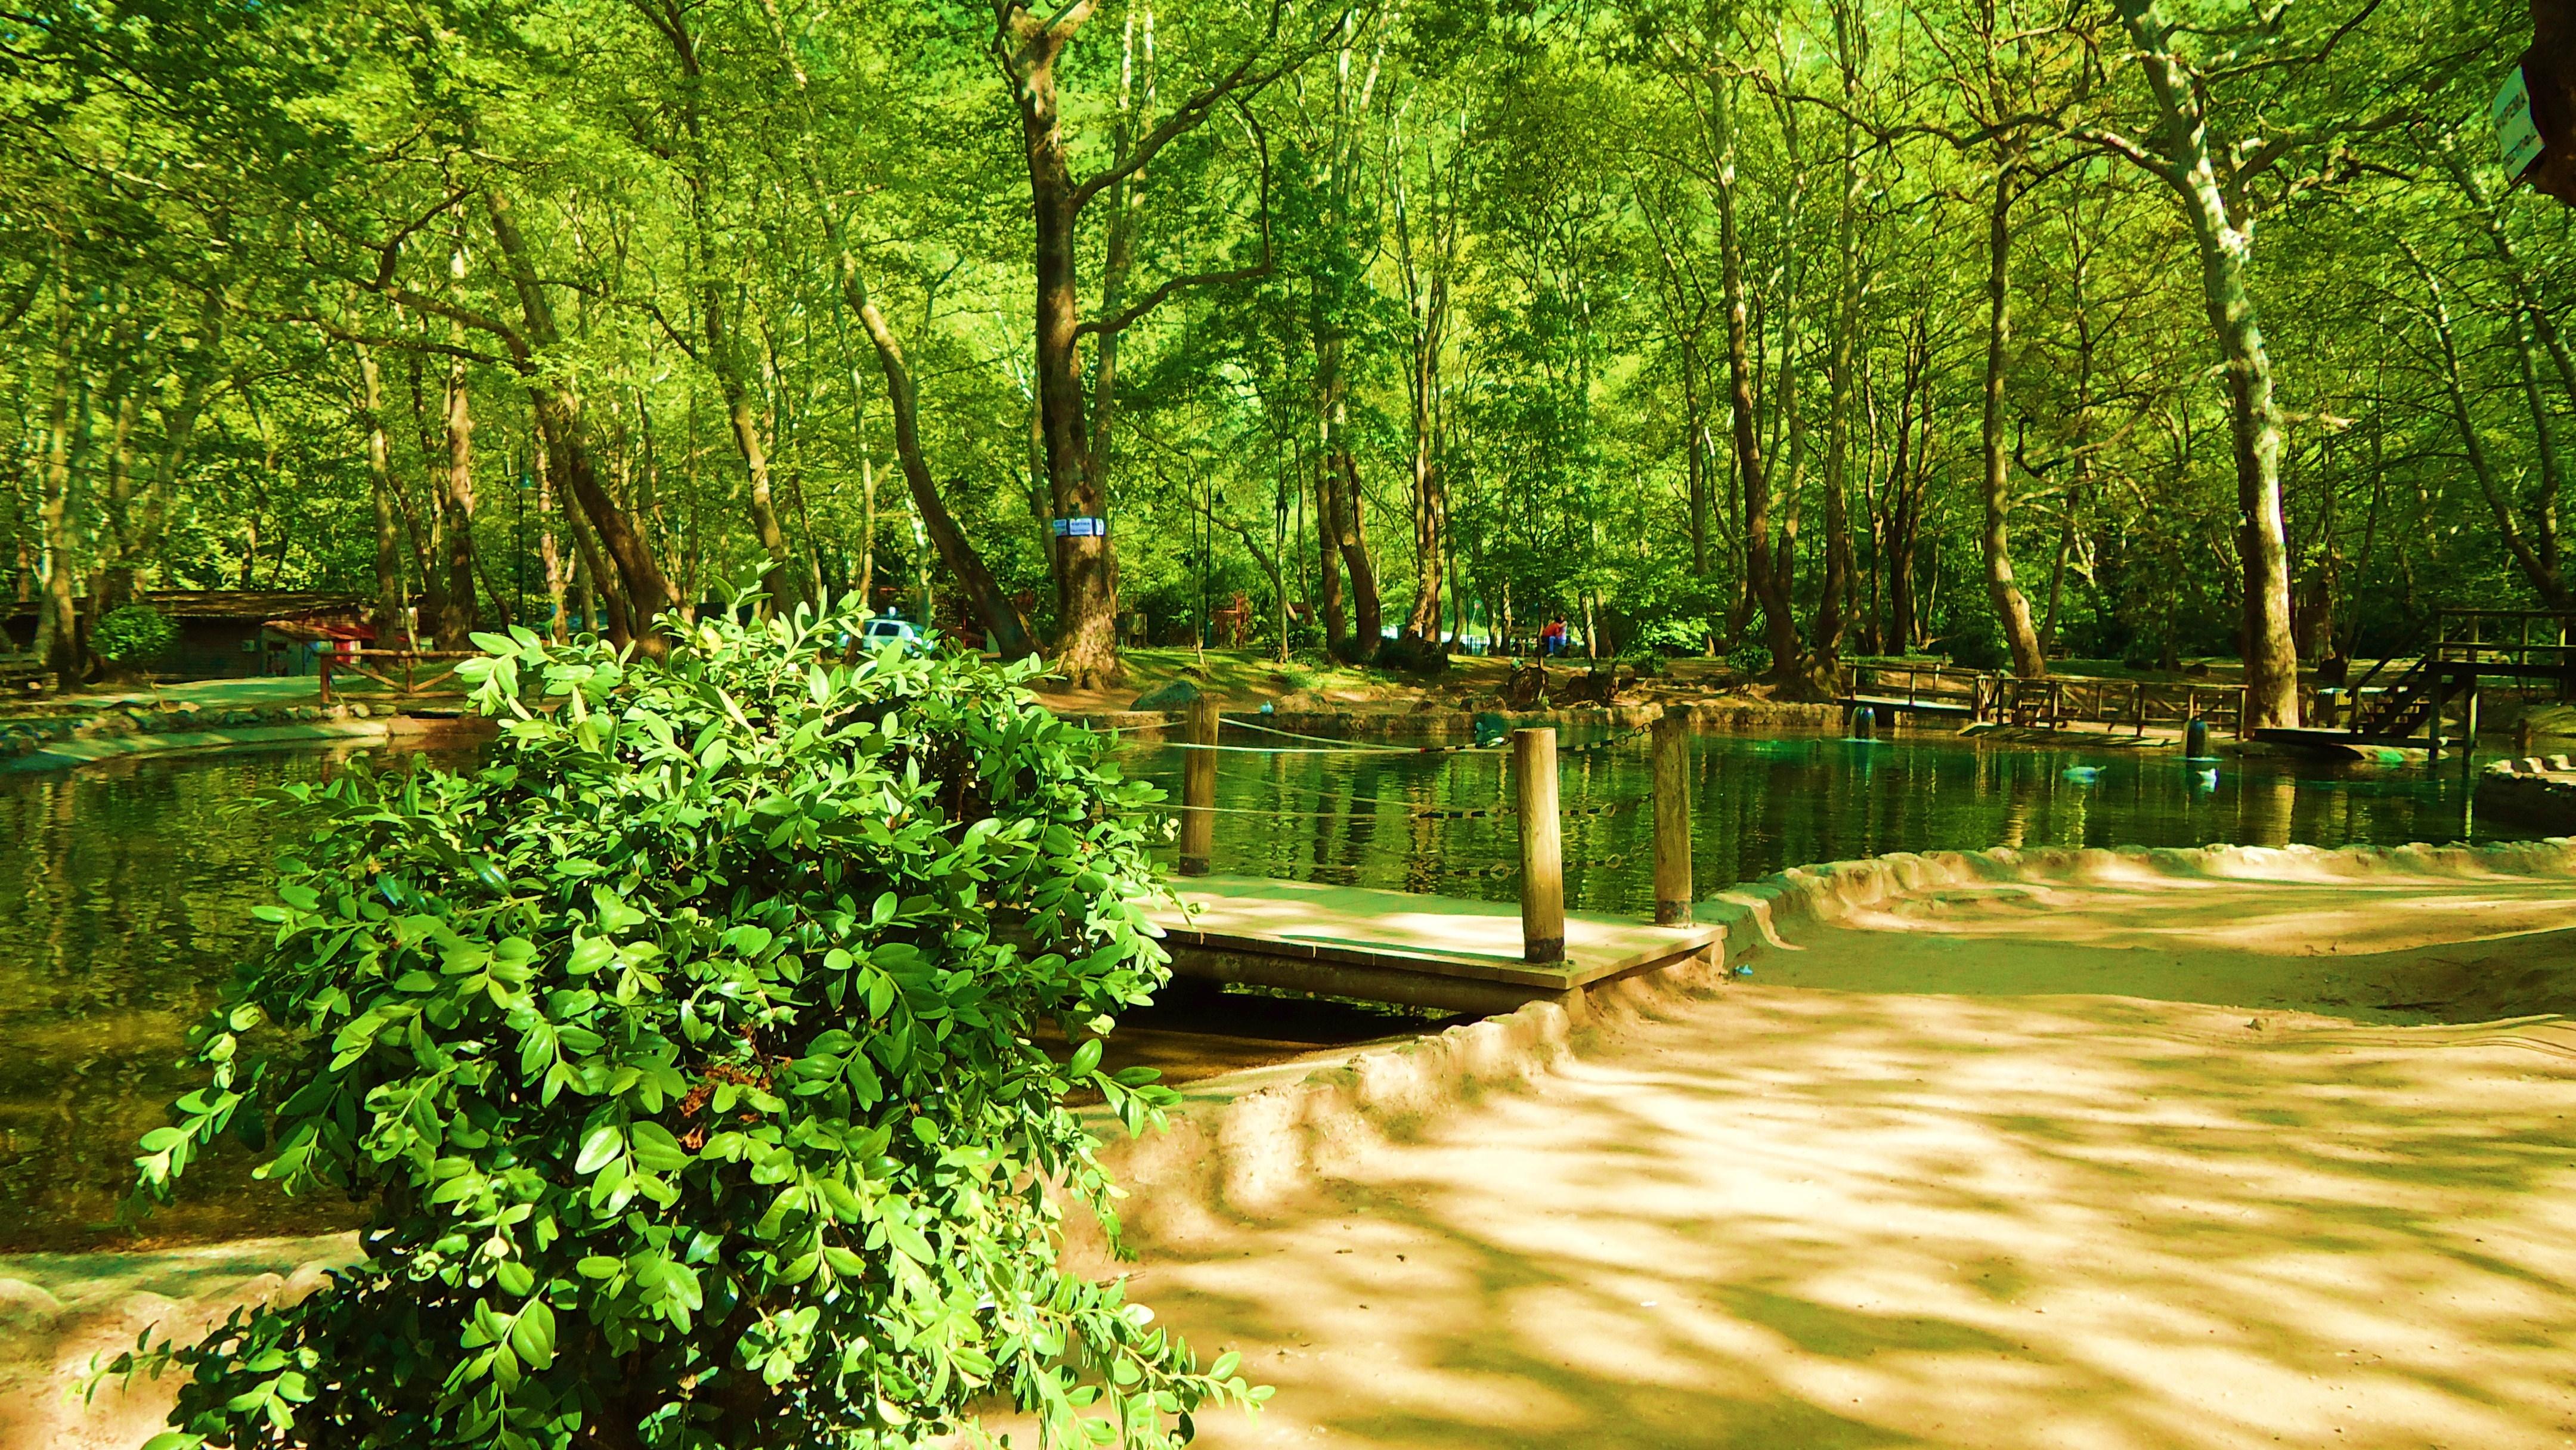 Agios_Nikolaos_Park,_Naousa.jpg